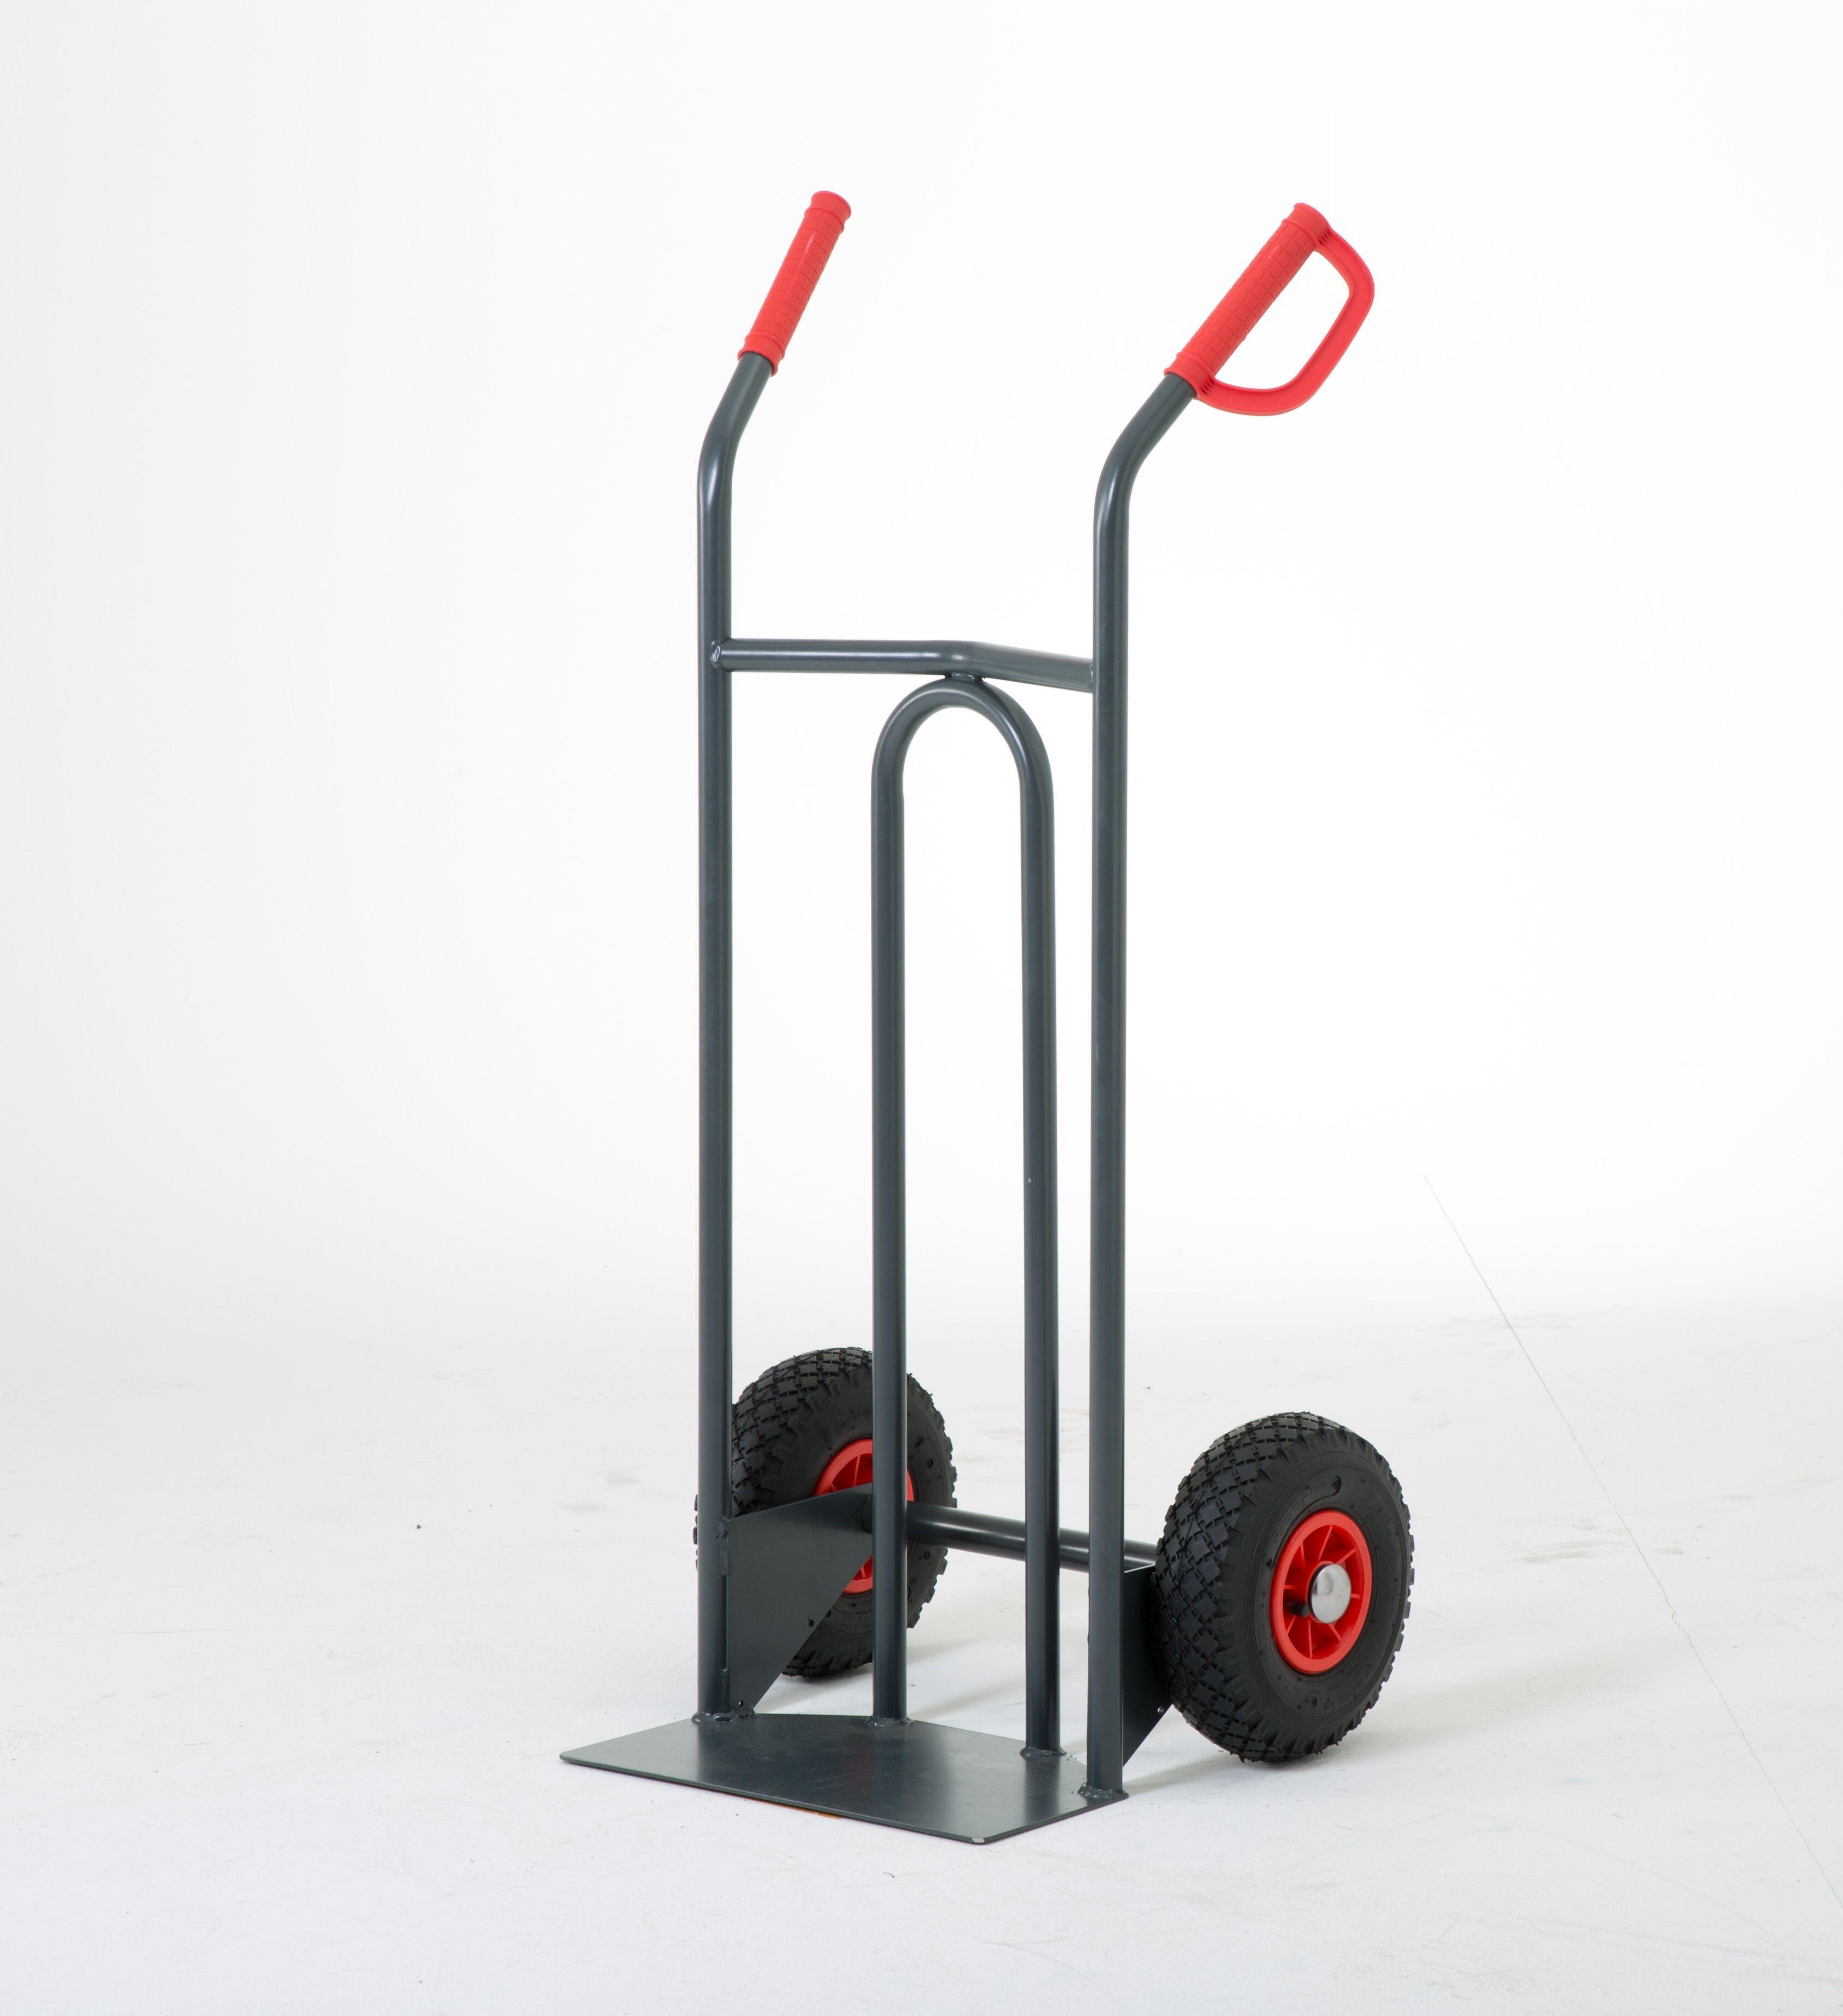 SETAM Diable manutention charge 250 kg pelle fixe, roues pneumatiques